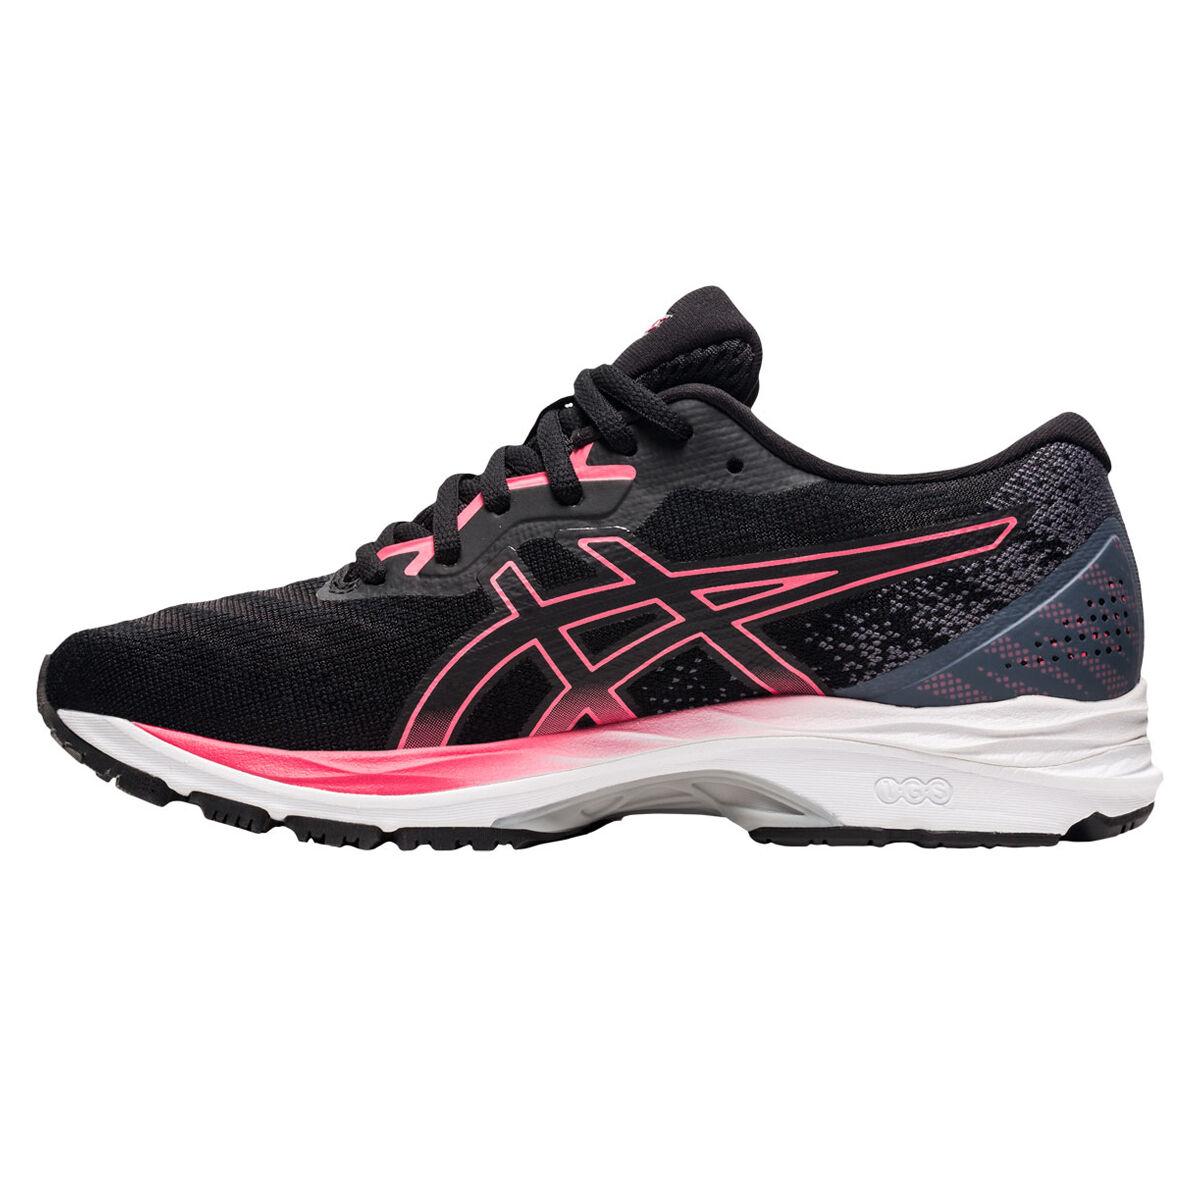 Asics GEL Ziruss 4 Womens Running Shoes | Rebel Sport